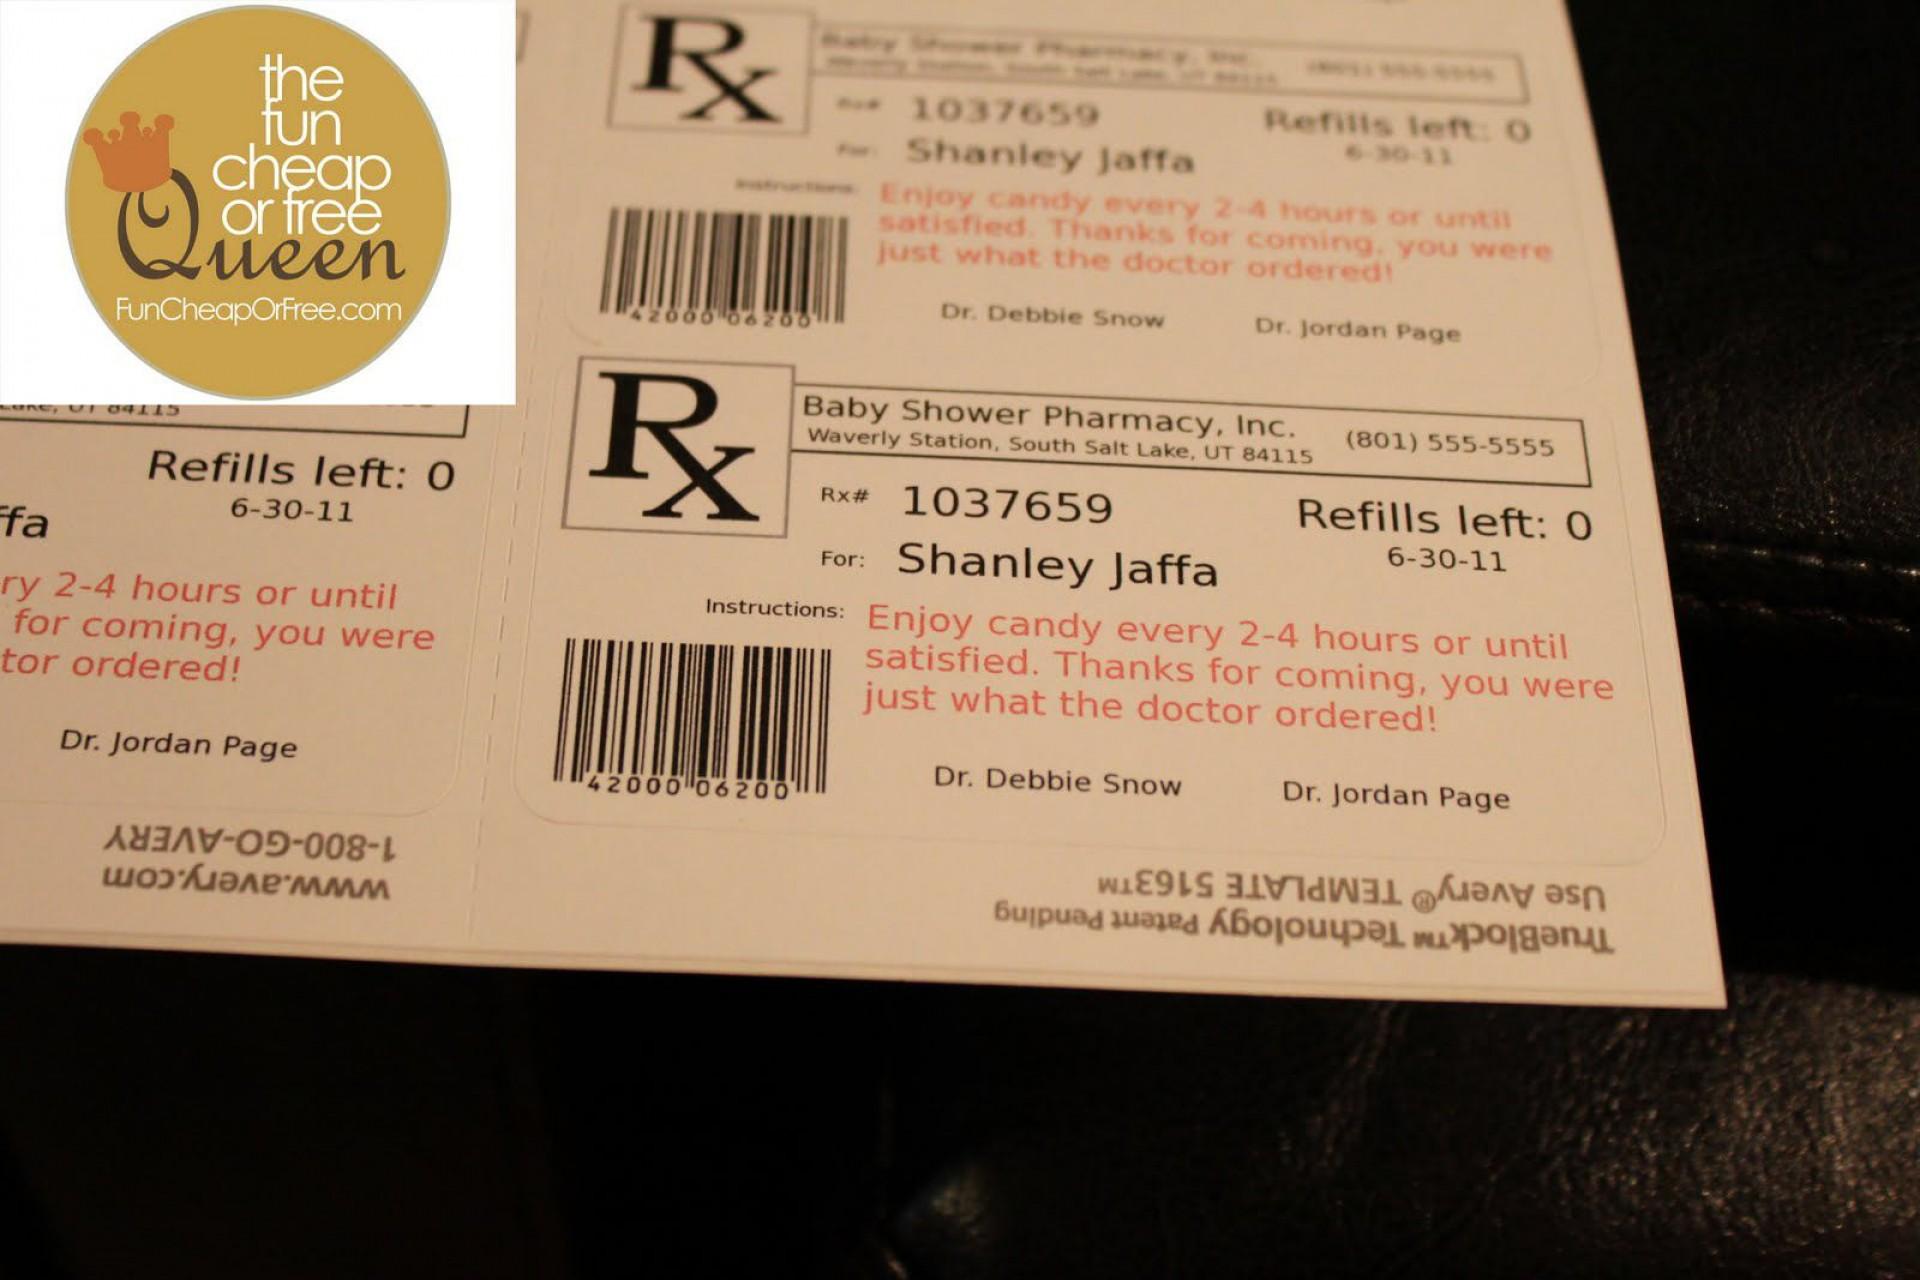 008 Impressive Free Fake Prescription Label Template Inspiration 1920